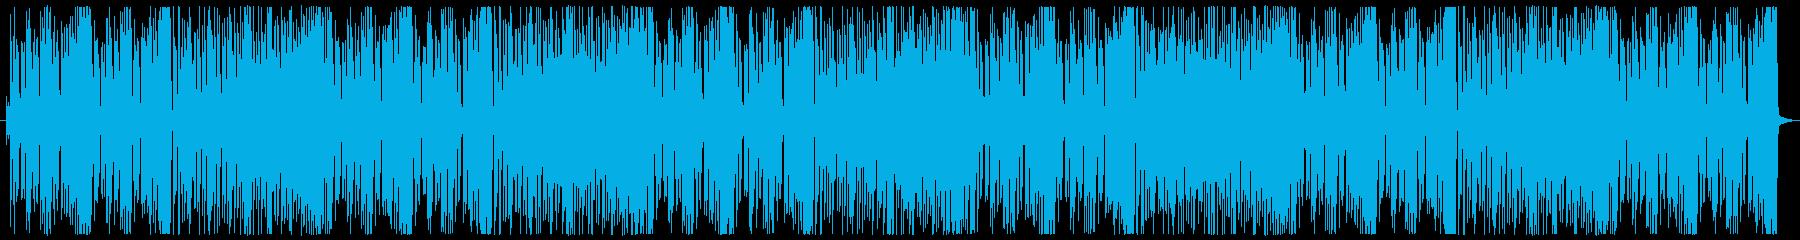 アップテンポでテンション高めのBGMの再生済みの波形